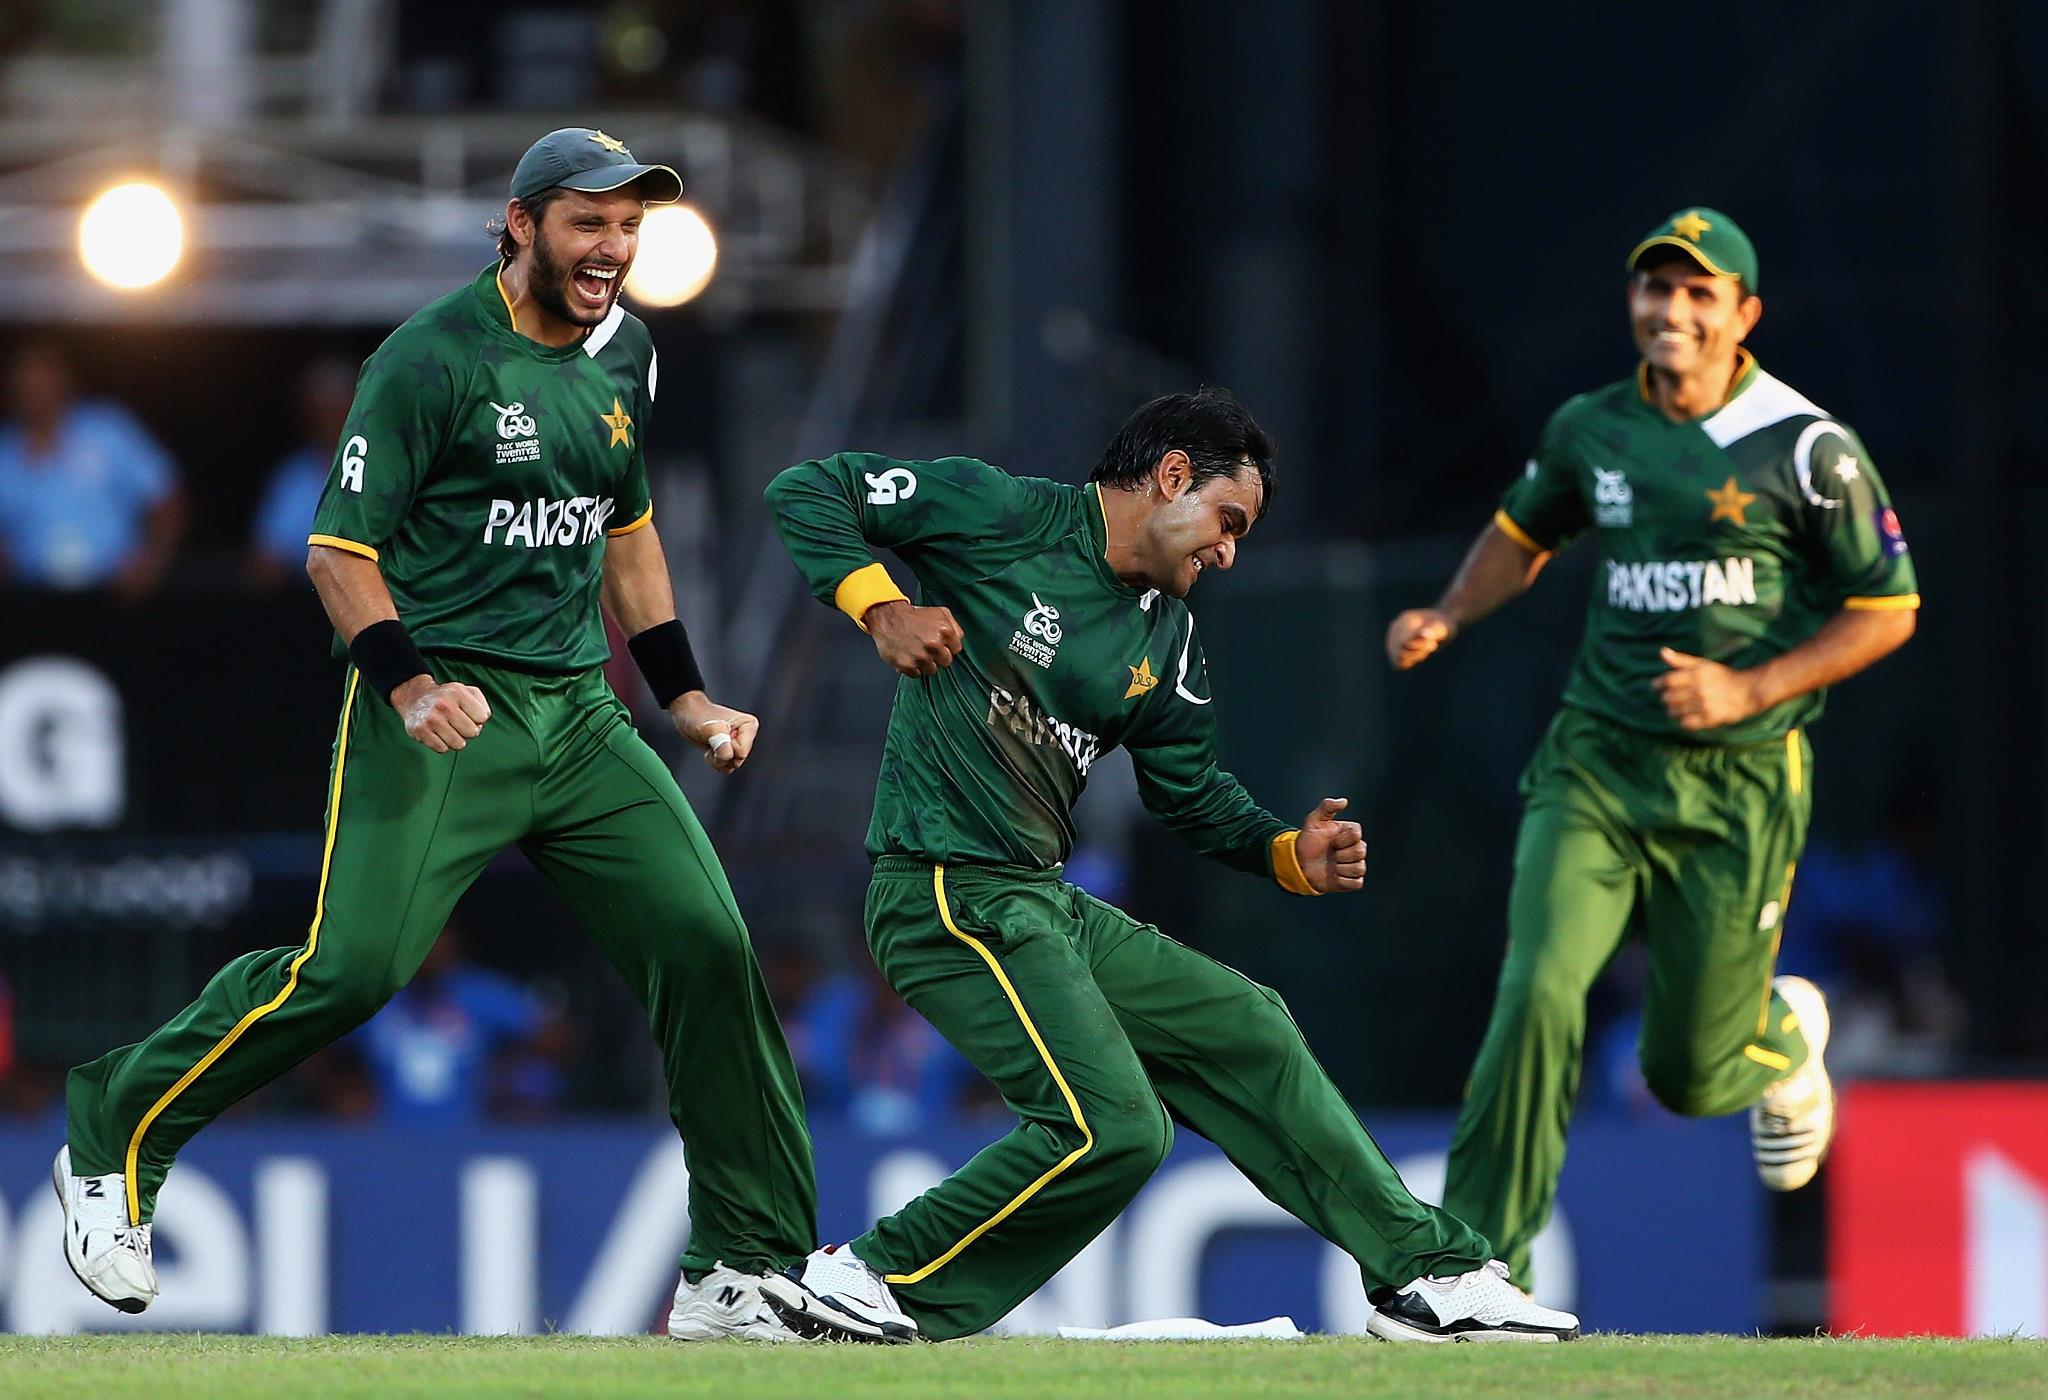 پاکستان نے جس شاندار انداز میں ٹورنامنٹ میں واپسی کی، اس نے ثابت کیا ہے کہ یہ بہت باصلاحیت ٹیم ہے (تصویر: ICC)